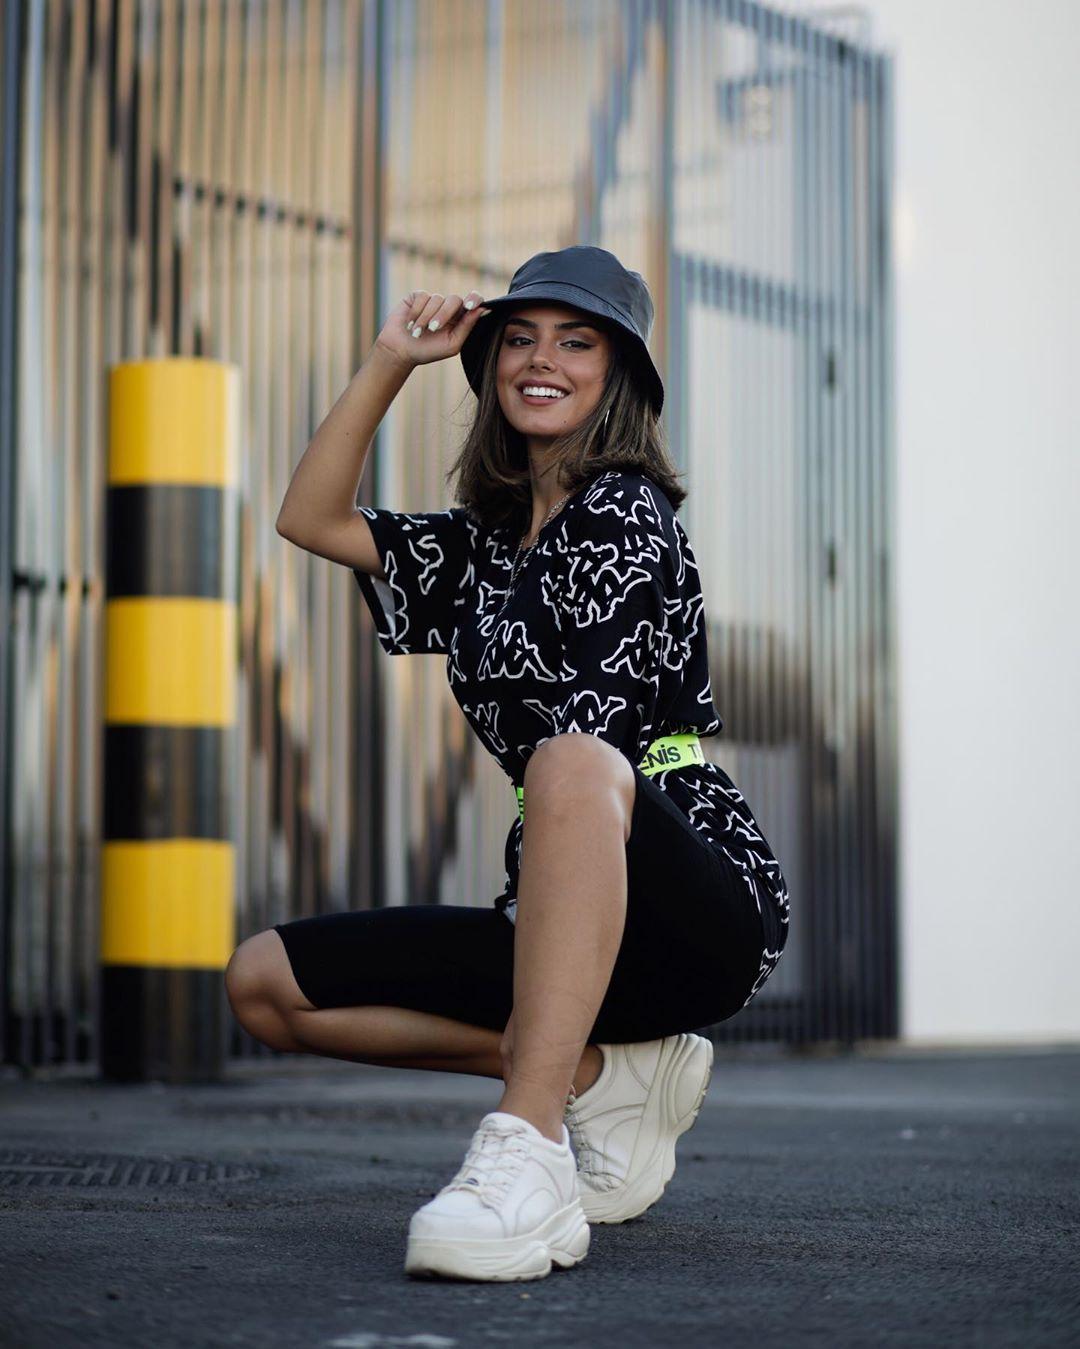 Phối đồ phong cách streetwear với mũ nồi chất liệu da